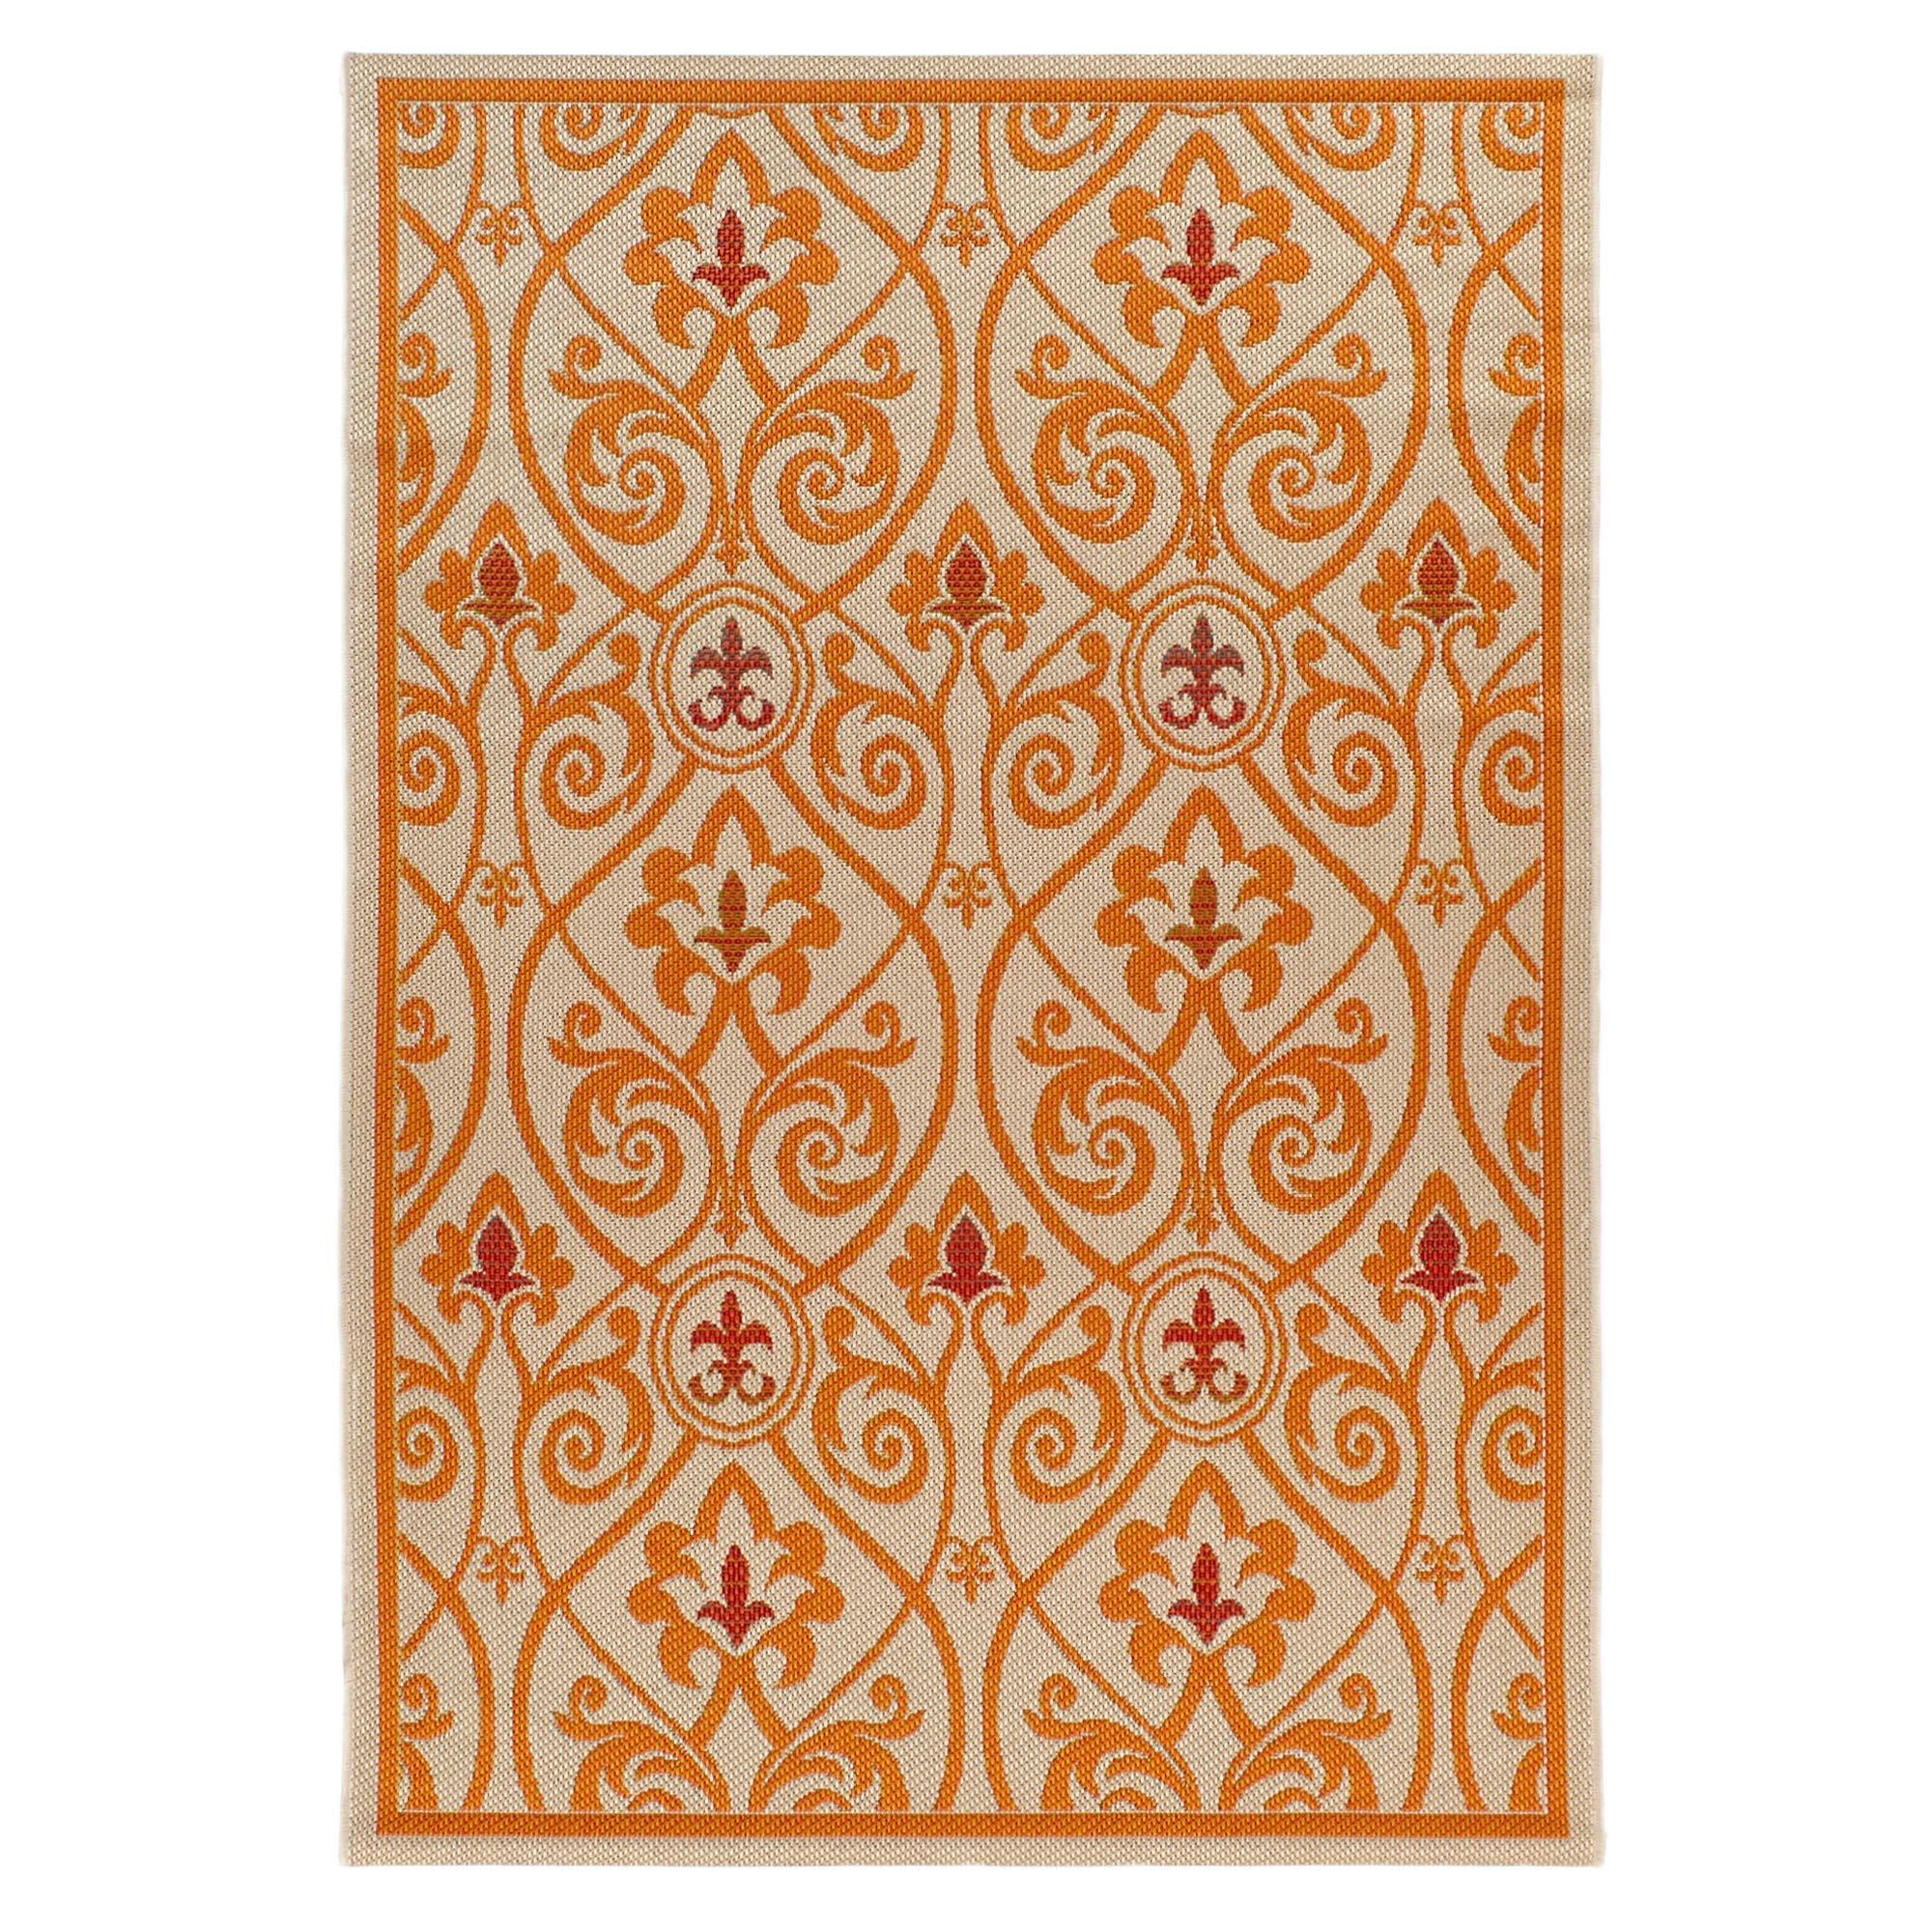 Carpet Art Deco Bellaire Collection Indoor Outdoor Rug, 5'3'' x7'5, Beige/Orange